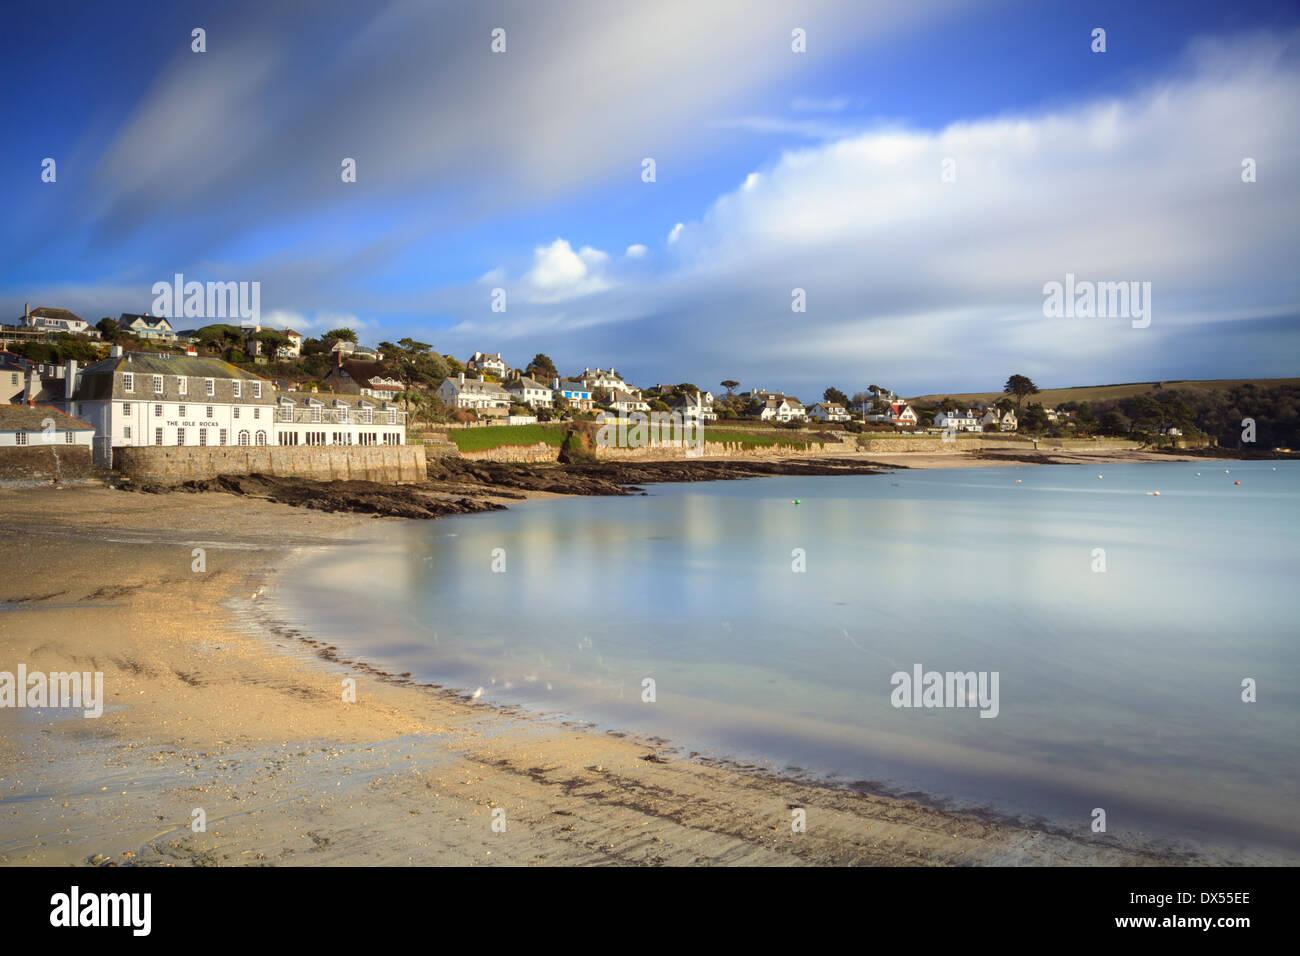 St Mawes en Cornwall capturadas con una exposición larga para difuminar los movimientos en el agua y las nubes Imagen De Stock